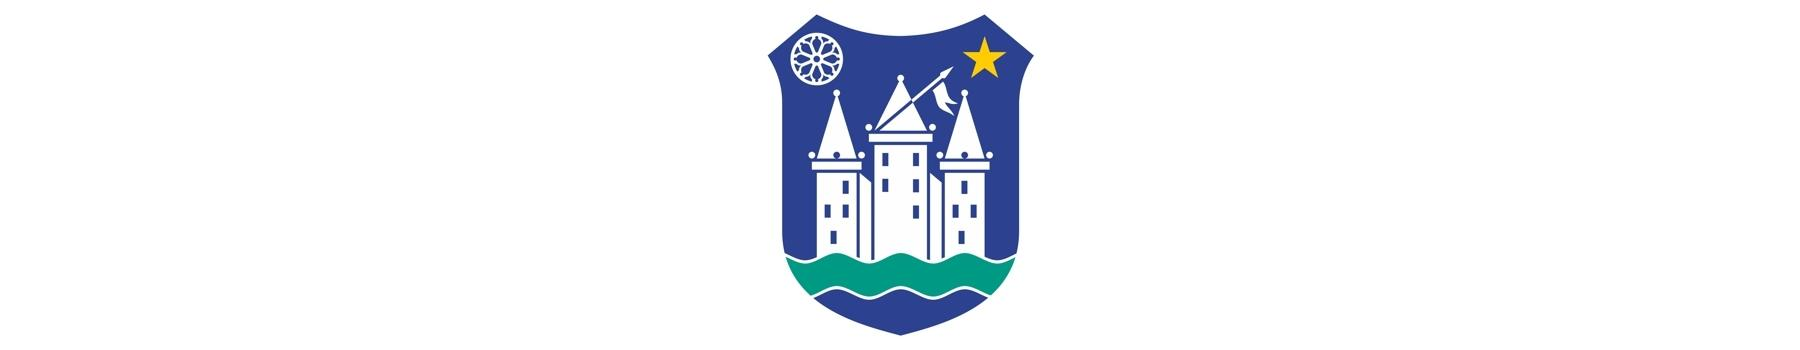 Javni poziv za podnošenje prijava za učešće u radu komisija za tehnički pregled građevina za koje odobrenje za upotrebu izdaje gradski organ uprave  Grada Bihaća